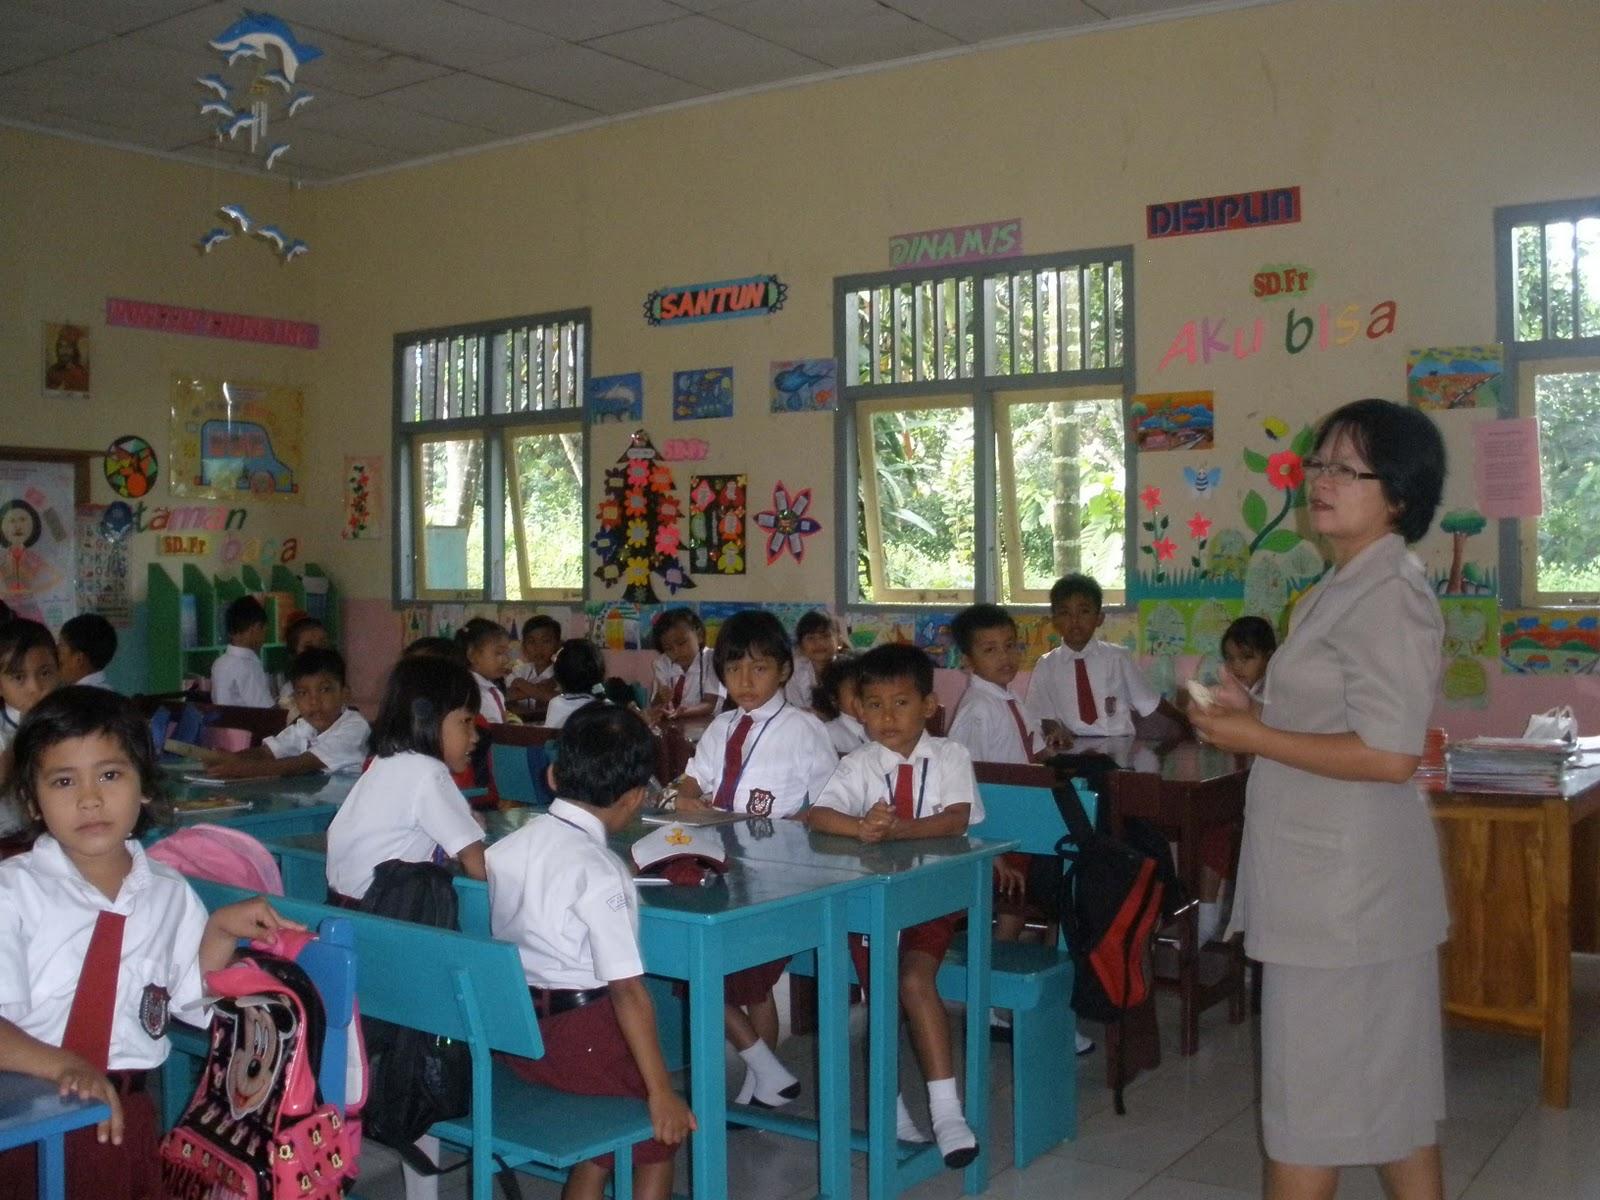 Rpp Bahasa Inggris Untuk Sekolah Dasar Kelas 1 Download Rpp Dan Silabus Berkarakter Bahasa Inggris Kelas Buku Kelas 1 Sd Kurikulum 2013 Terbaru Untuk Guru Dan